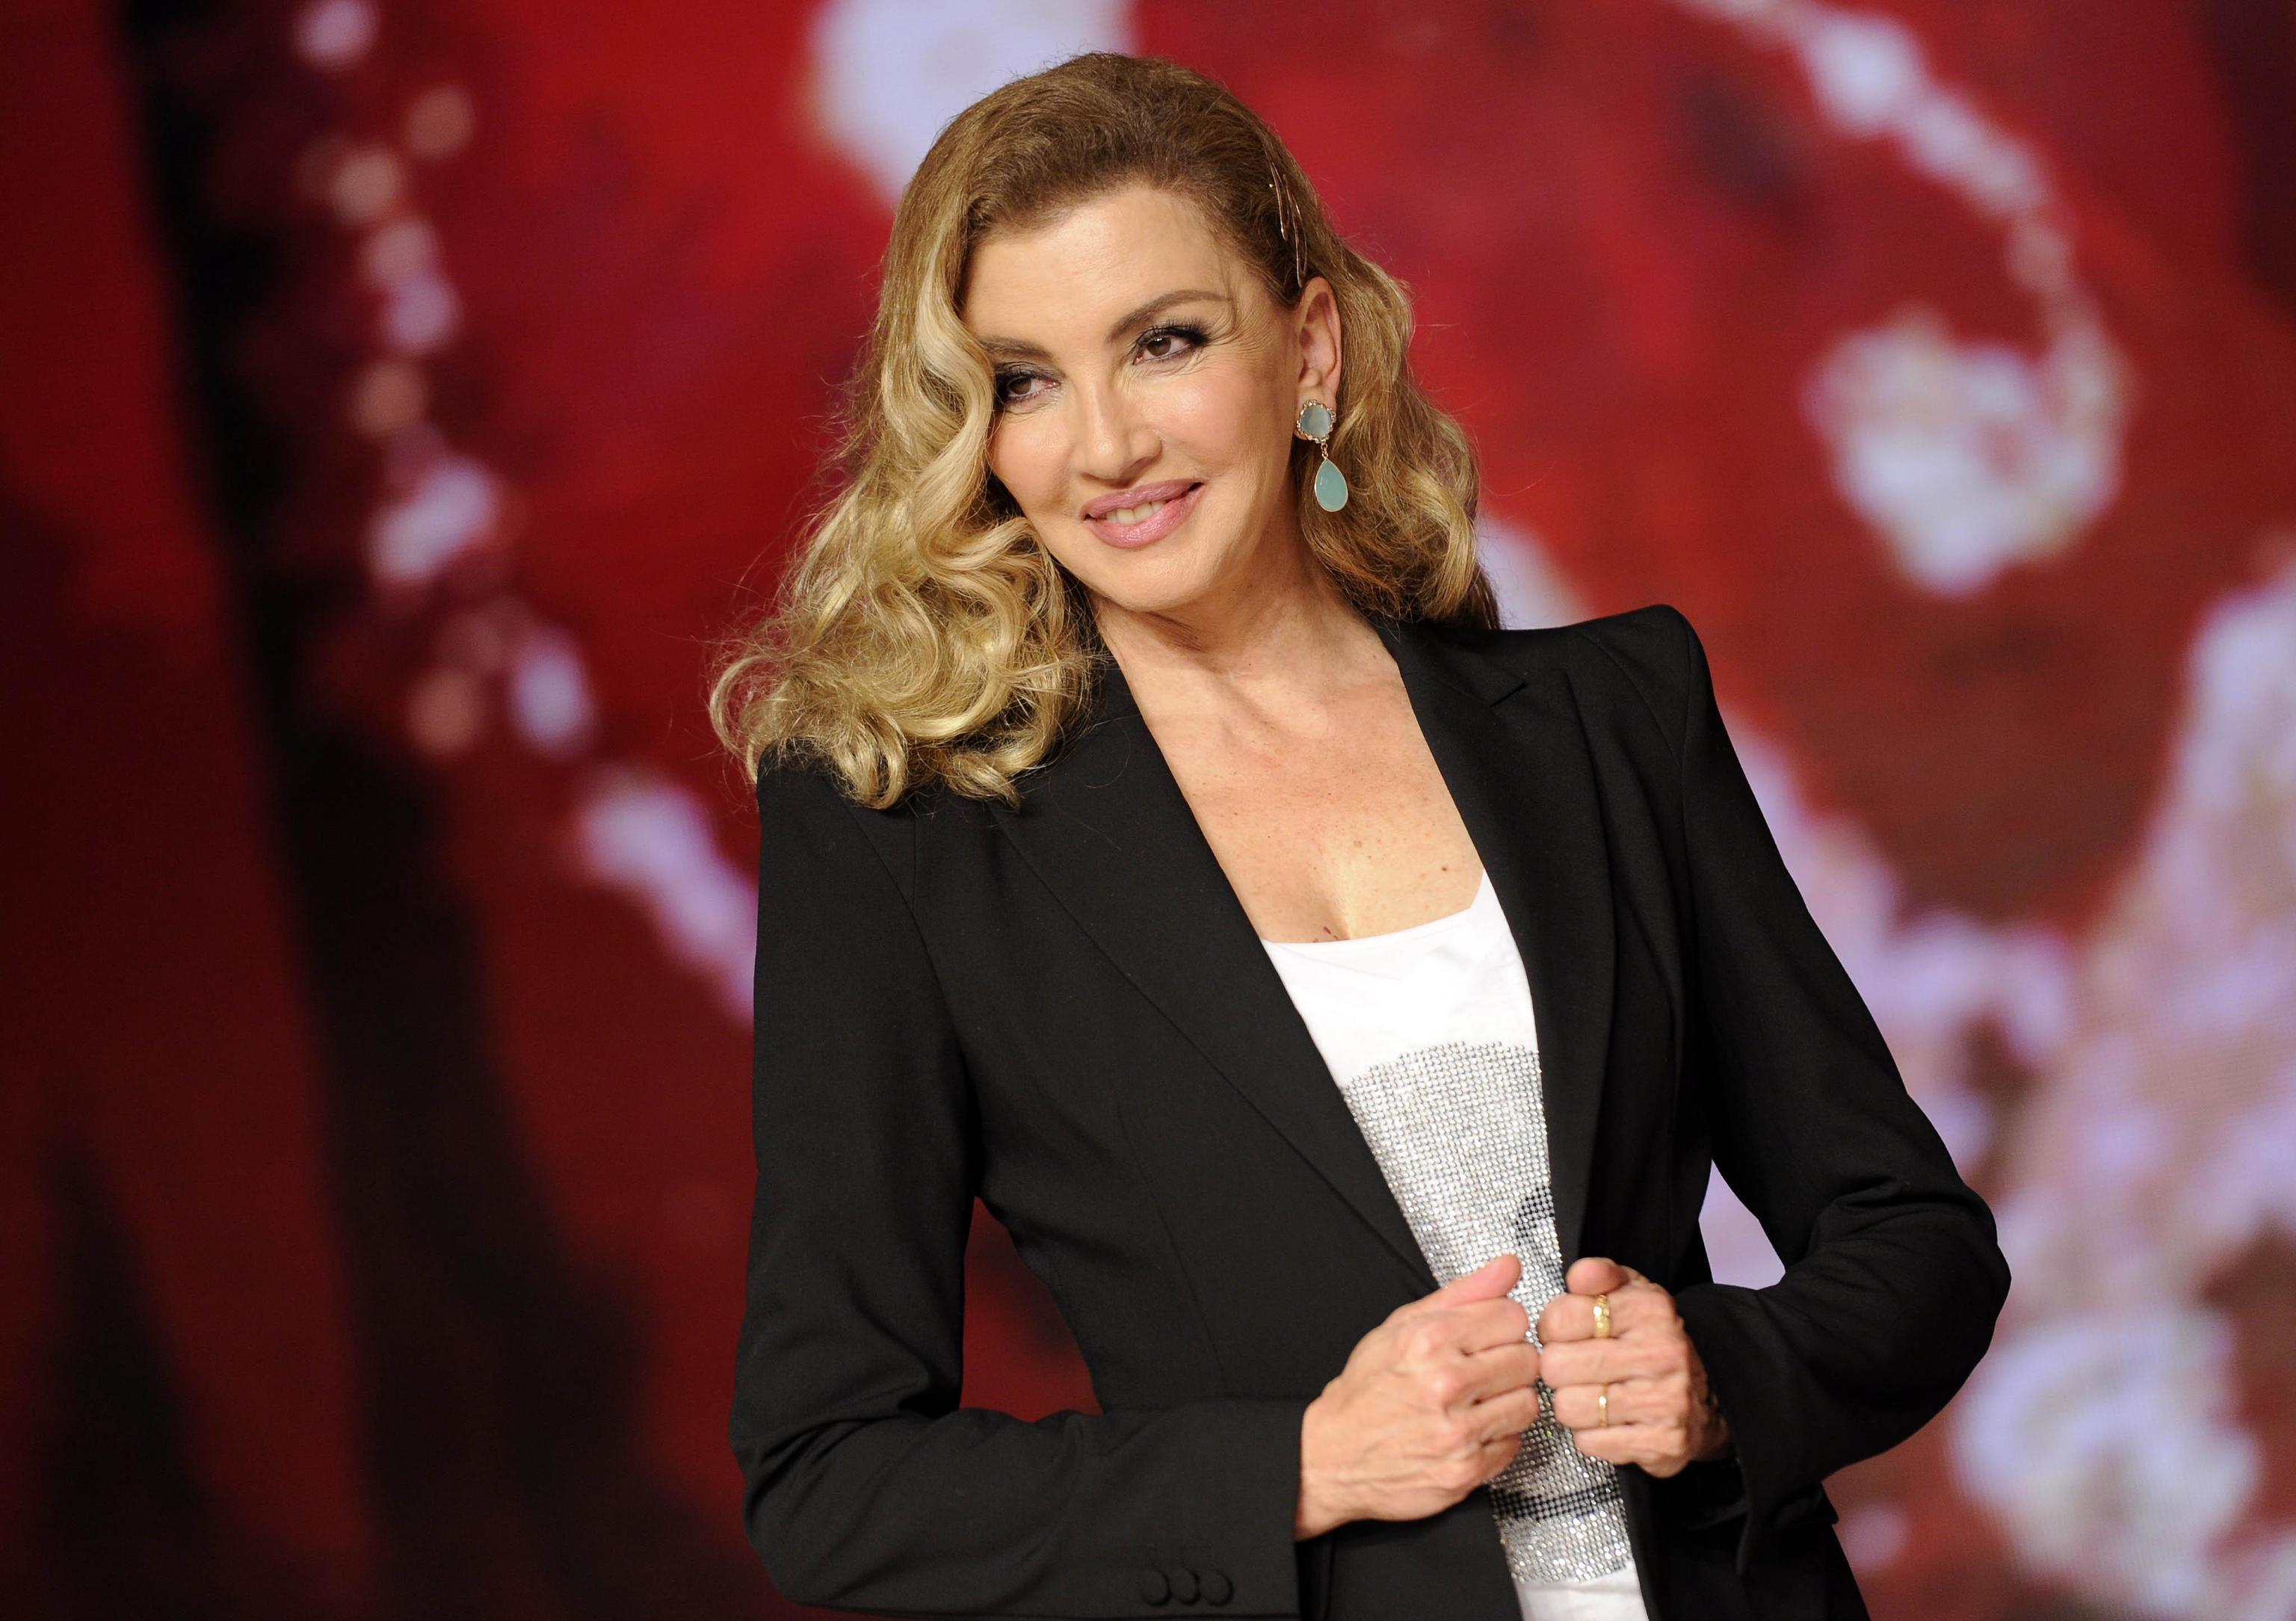 Milly Carlucci e il peso forma: 'Le donne della TV non possono ingrassare'